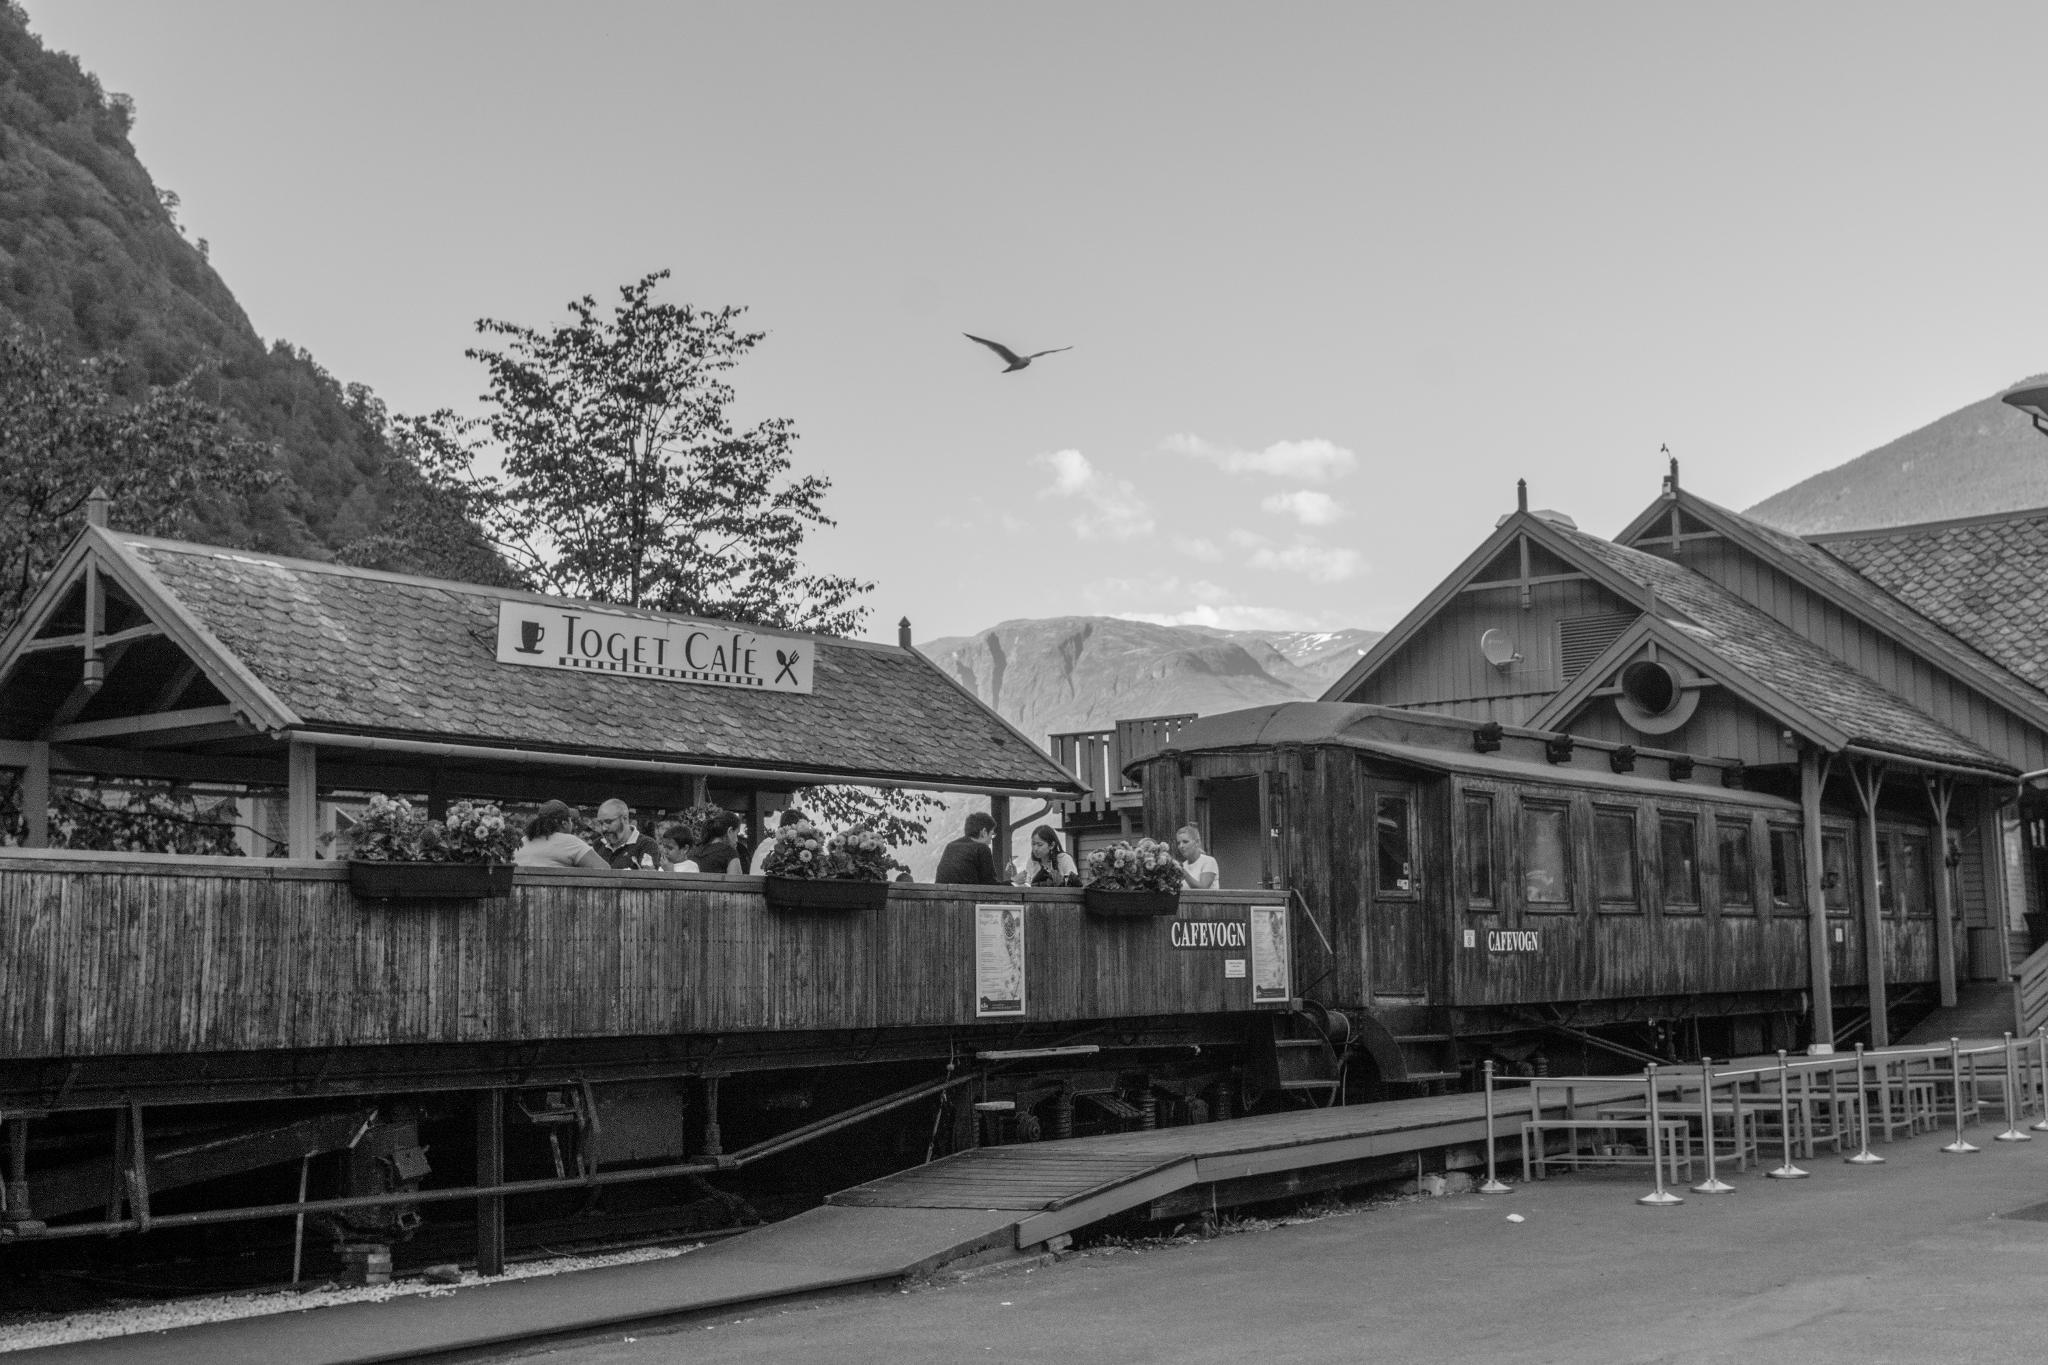 【北歐景點】Flåm 弗洛姆小鎮 — 挪威縮影的重要轉運站 (Flåm Camping與松恩峽灣渡輪介紹) 11